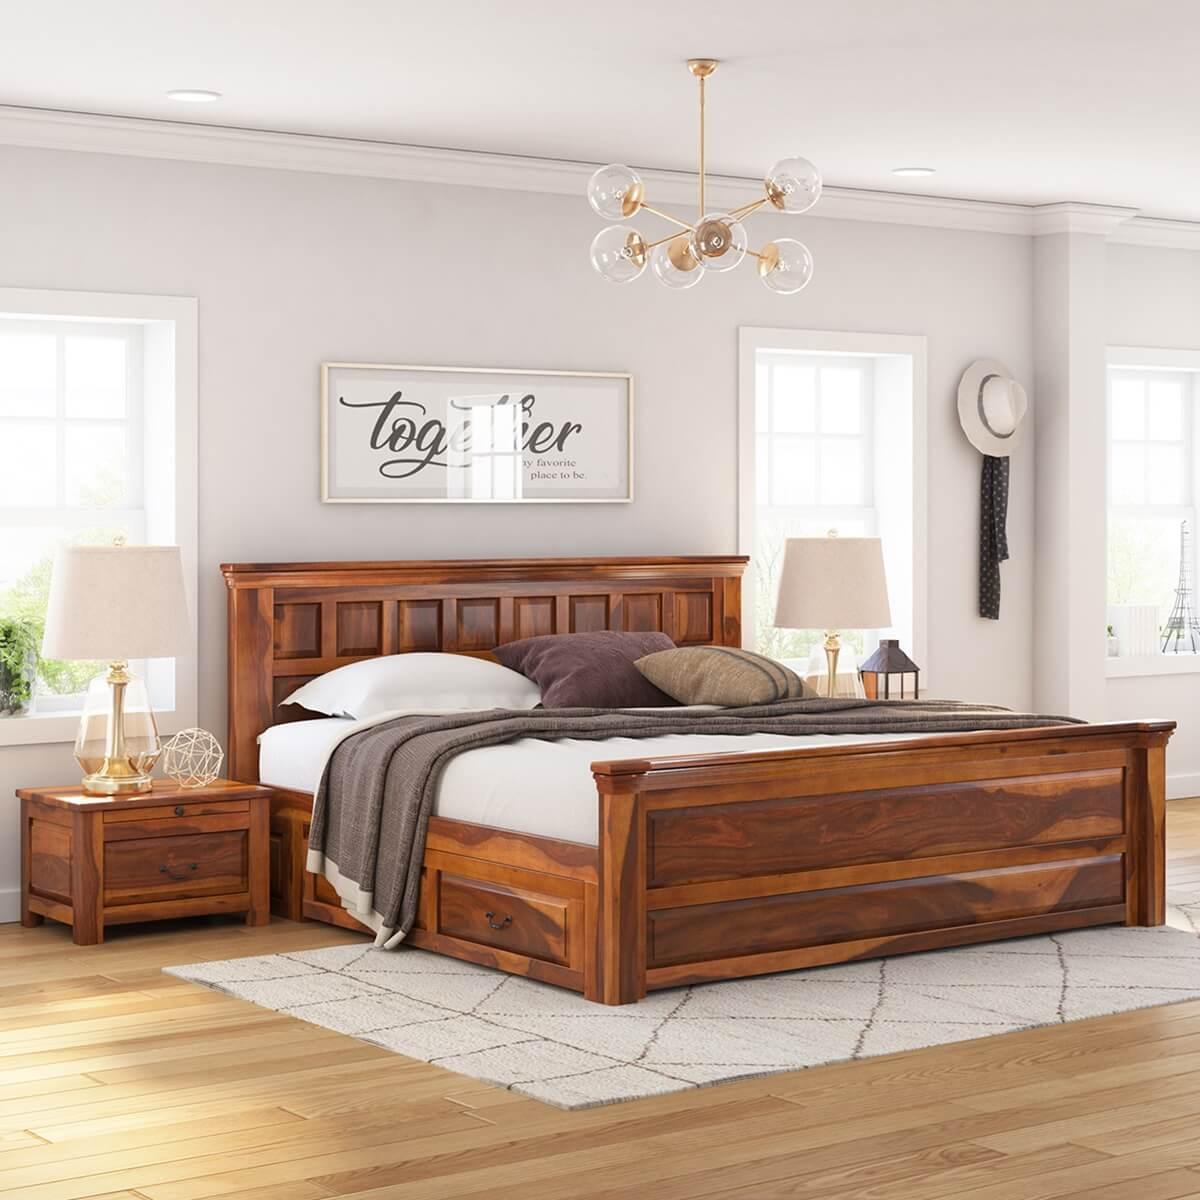 delaware solid wood platform bed frame 3pc suite. Black Bedroom Furniture Sets. Home Design Ideas